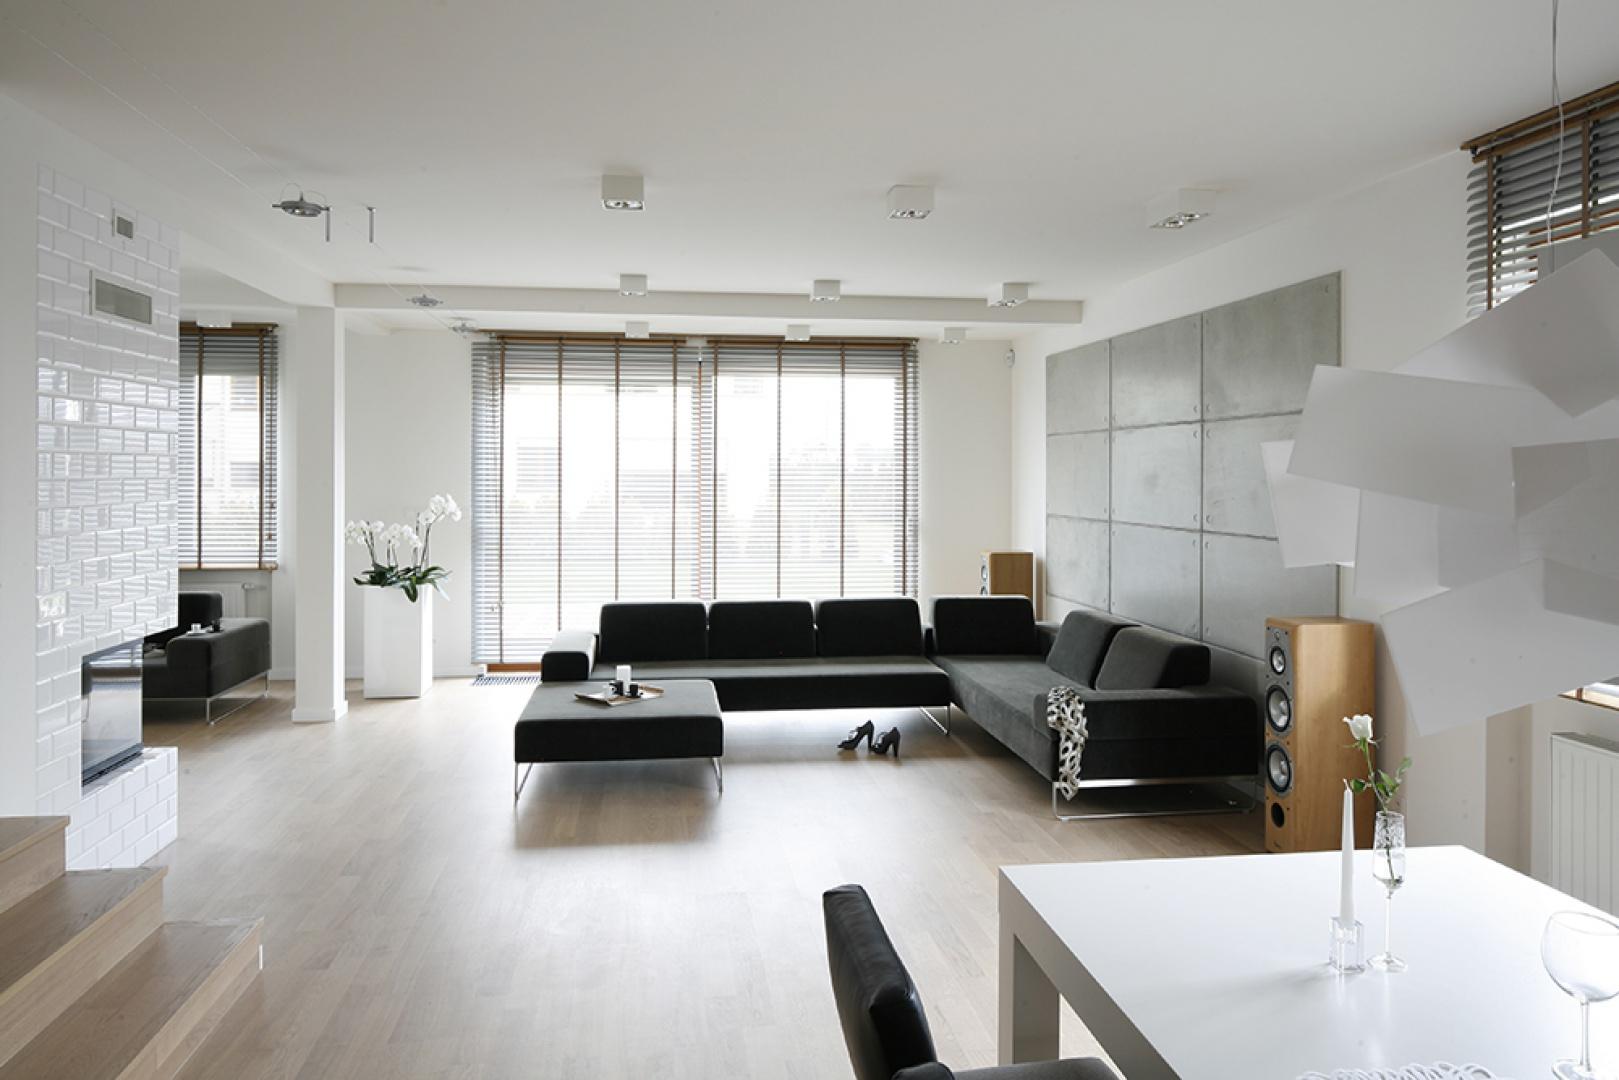 Przestrzeń salonu wypełnia światło, geometryczne kształty i minimalna ilość przedmiotów. Tak skomponowane wnętrze pozostawia w przebywających w nim osobach poczucie głębokiej estetyki. Fot. Bartosz Jarosz.